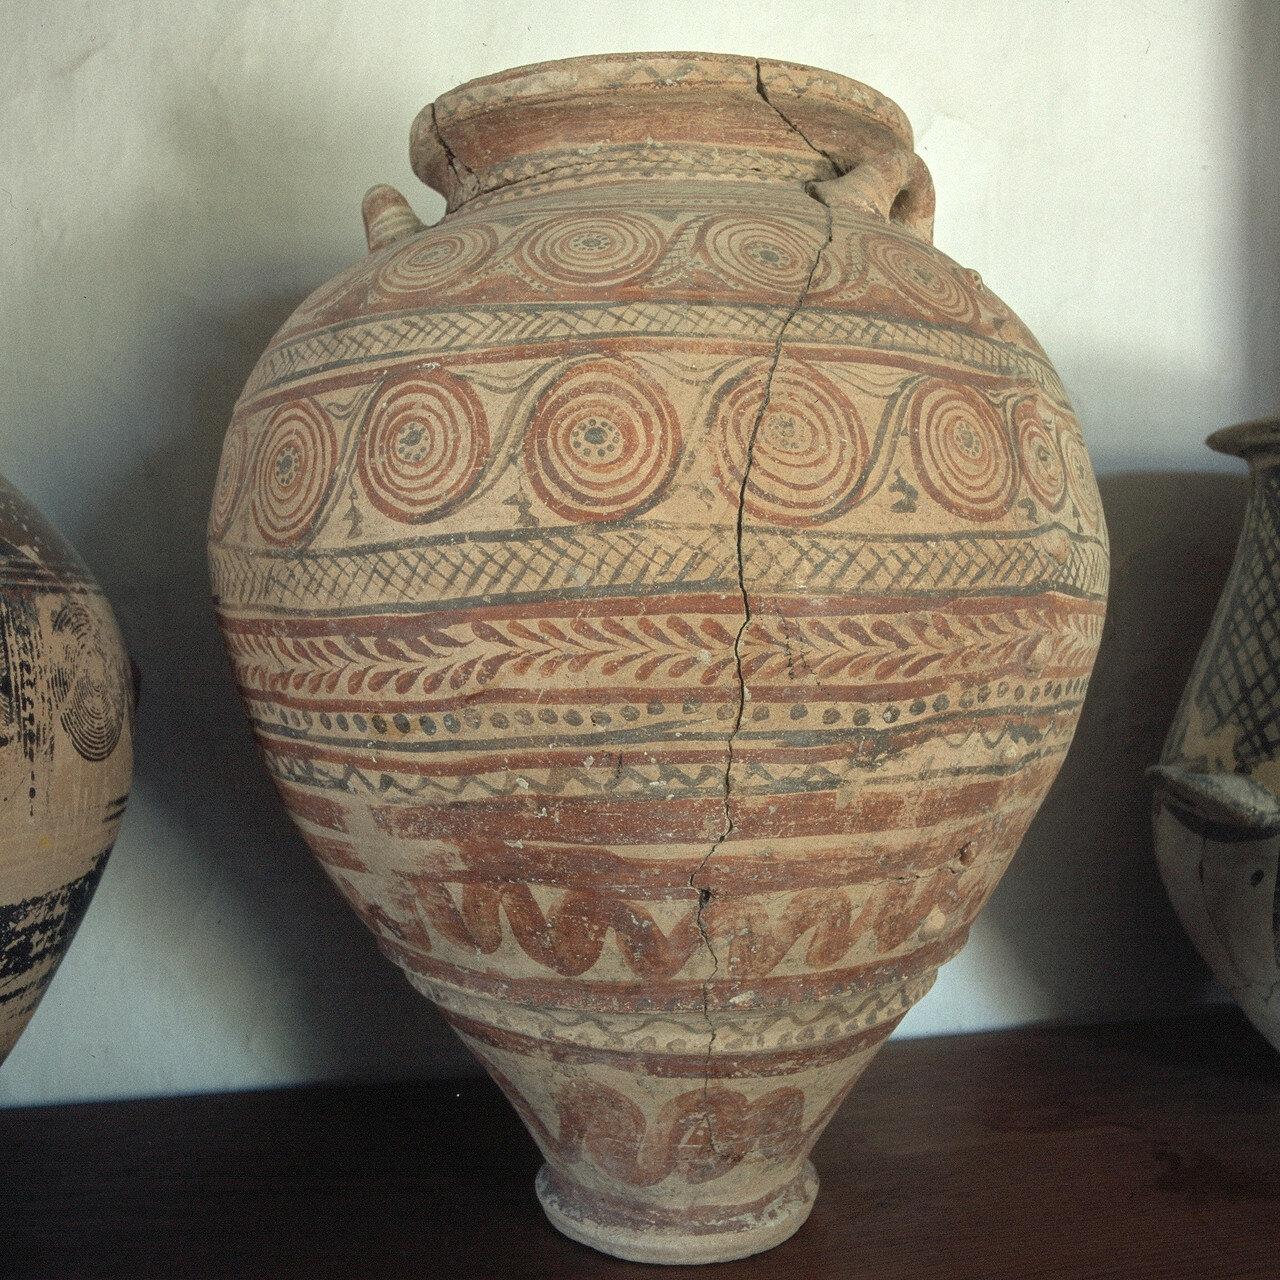 Милос, Плака. Археологический музей. Пифос, микенская амфора с широким горлом